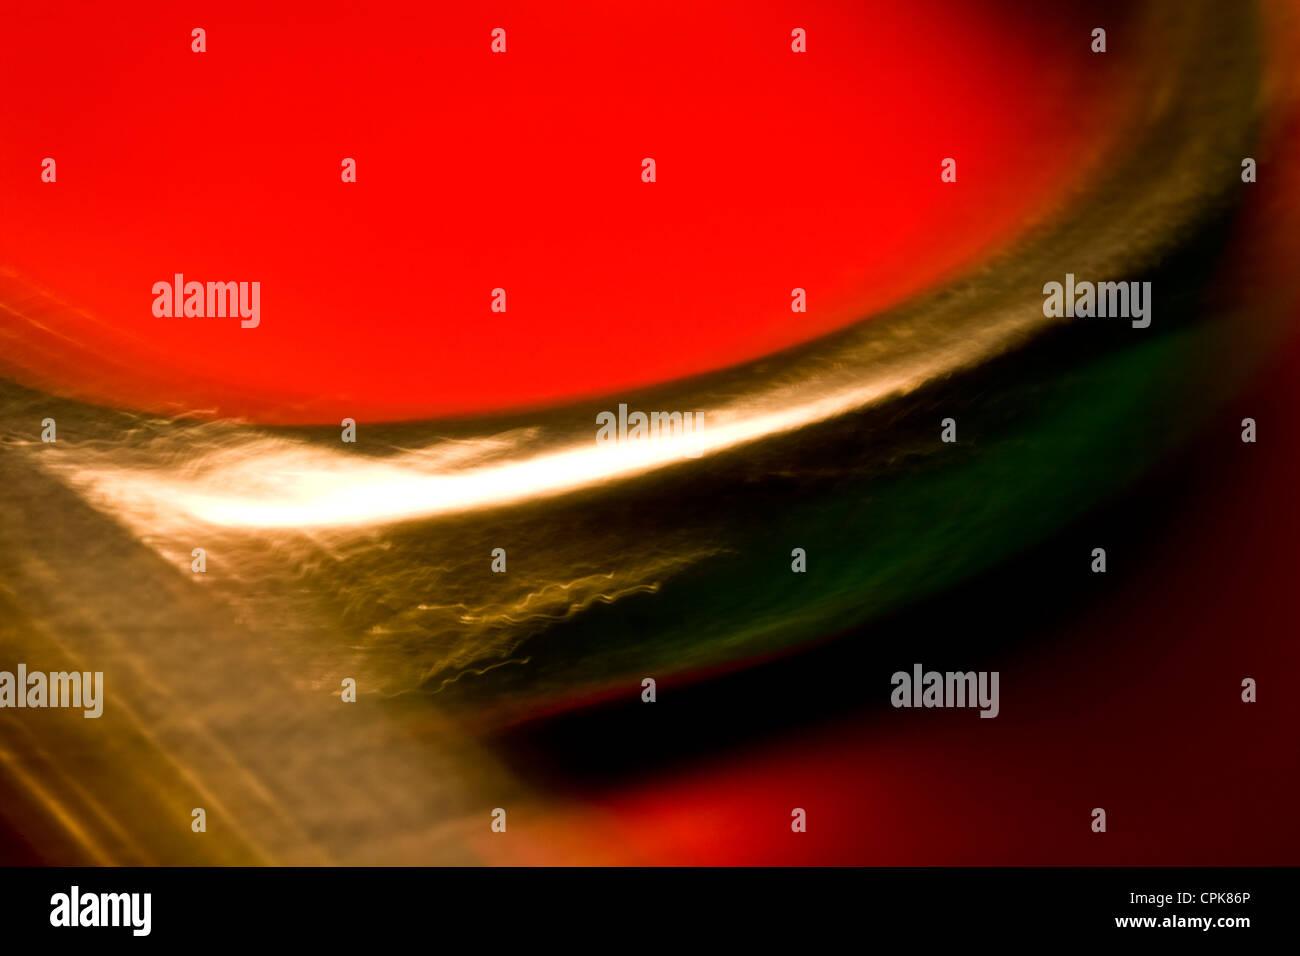 Extreme Nahaufnahme Schere. Abstraktes Bild mit einer hohen Vergrößerung-Makro-Objektiv aufgenommen. Stockfoto